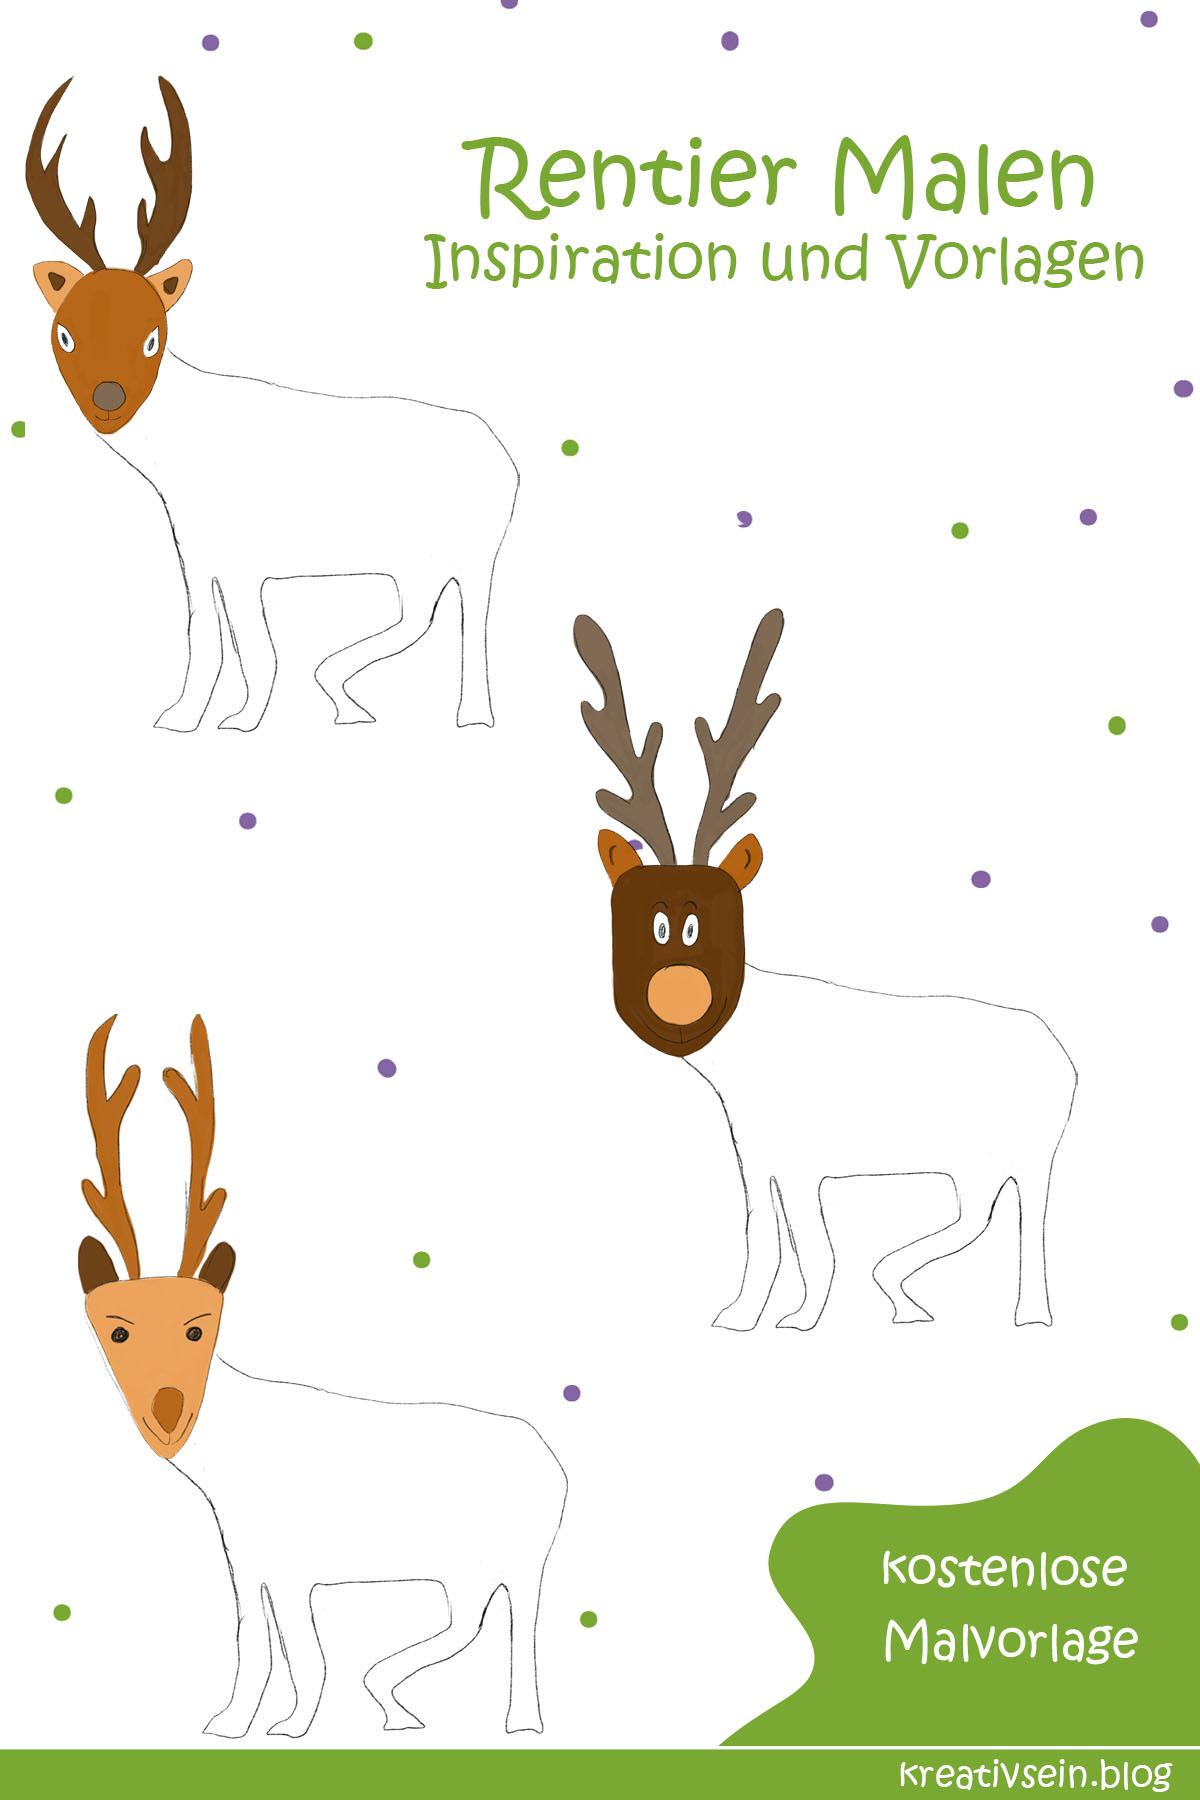 Cooles Rentier Malen Zu Weihnachten Mit Ausmalbild Kreativsein Blog